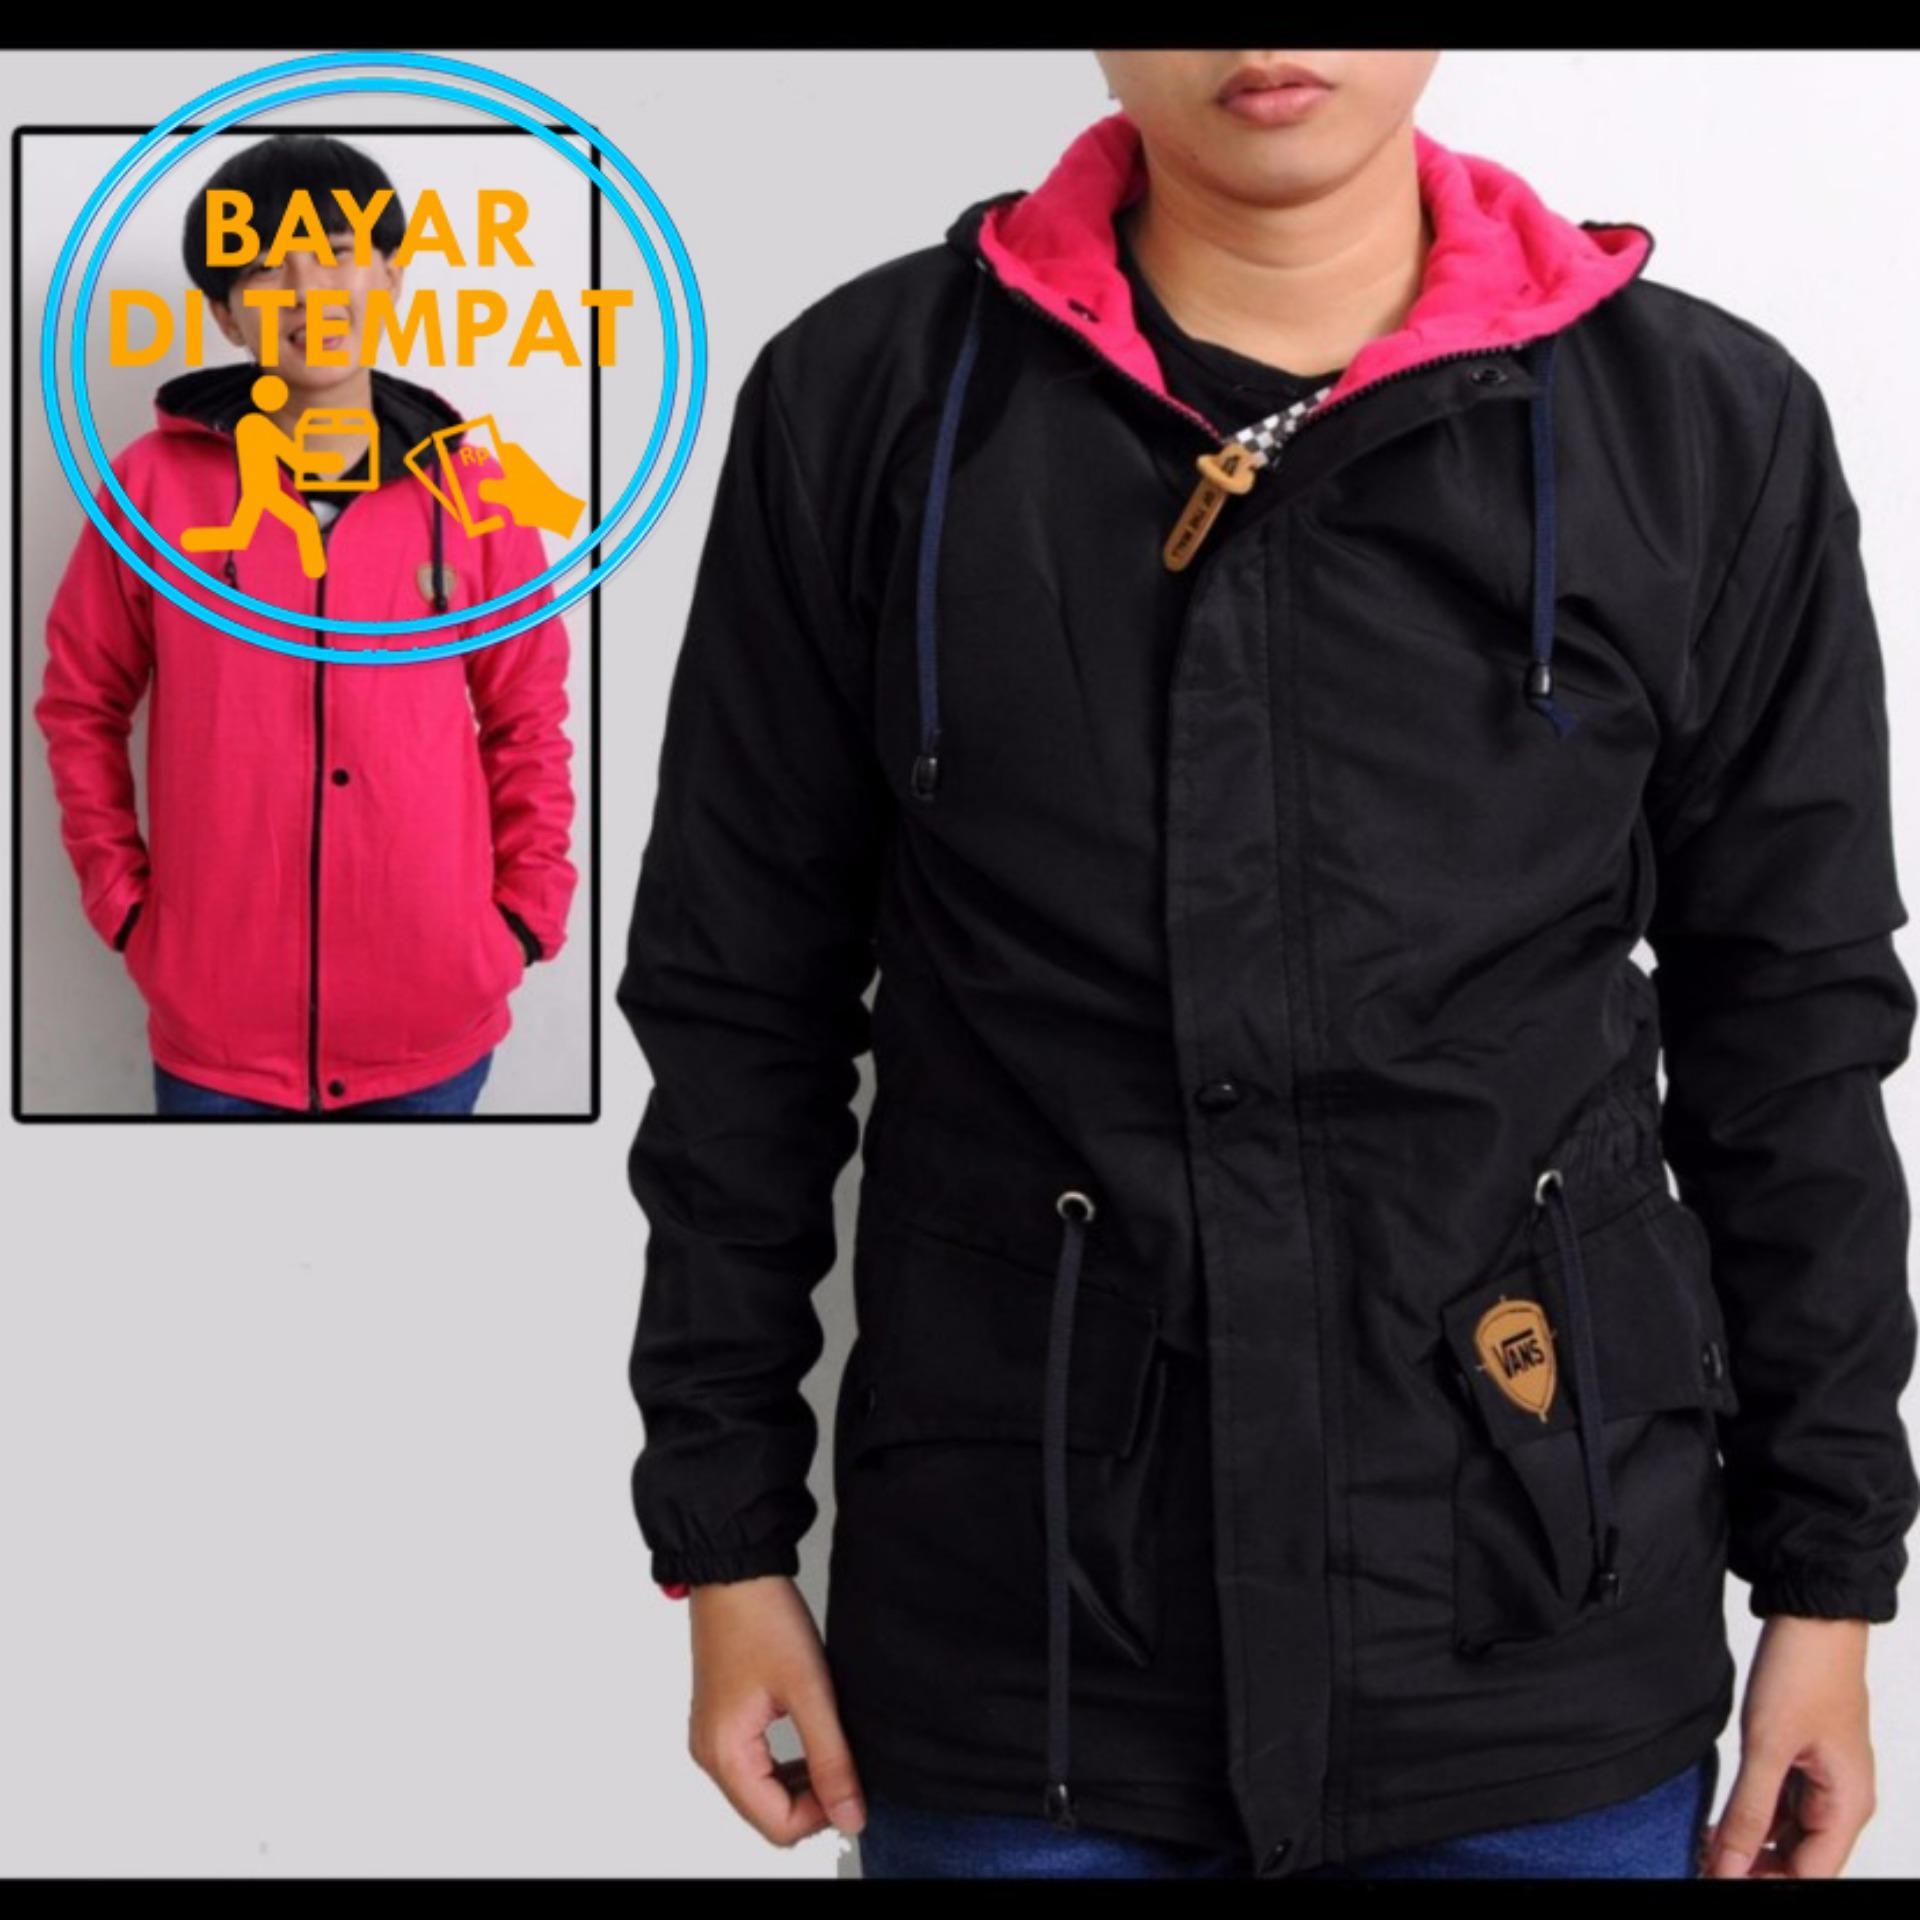 Jaket Parka Pria Wanita Waterproof Terlaris Baru  Brand Original Blessher Murah Bolak Balik Black Pink Best Seller